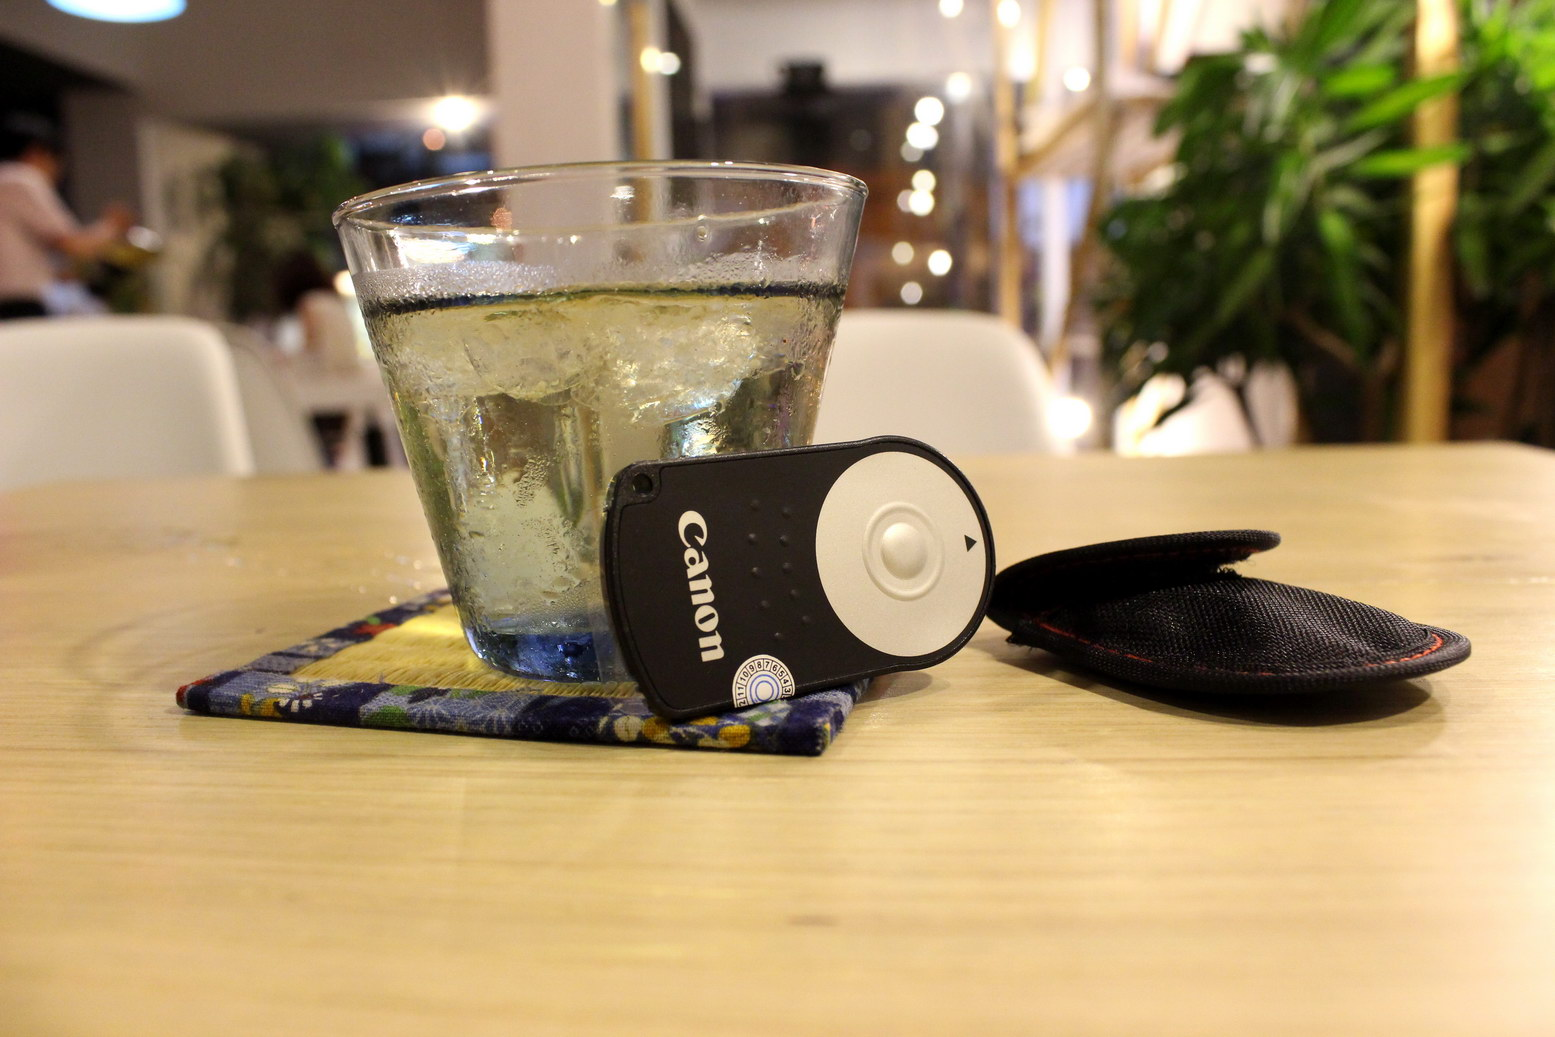 Vì sao mỗi người dùng máy ảnh nên có một cái remote bên cạnh?